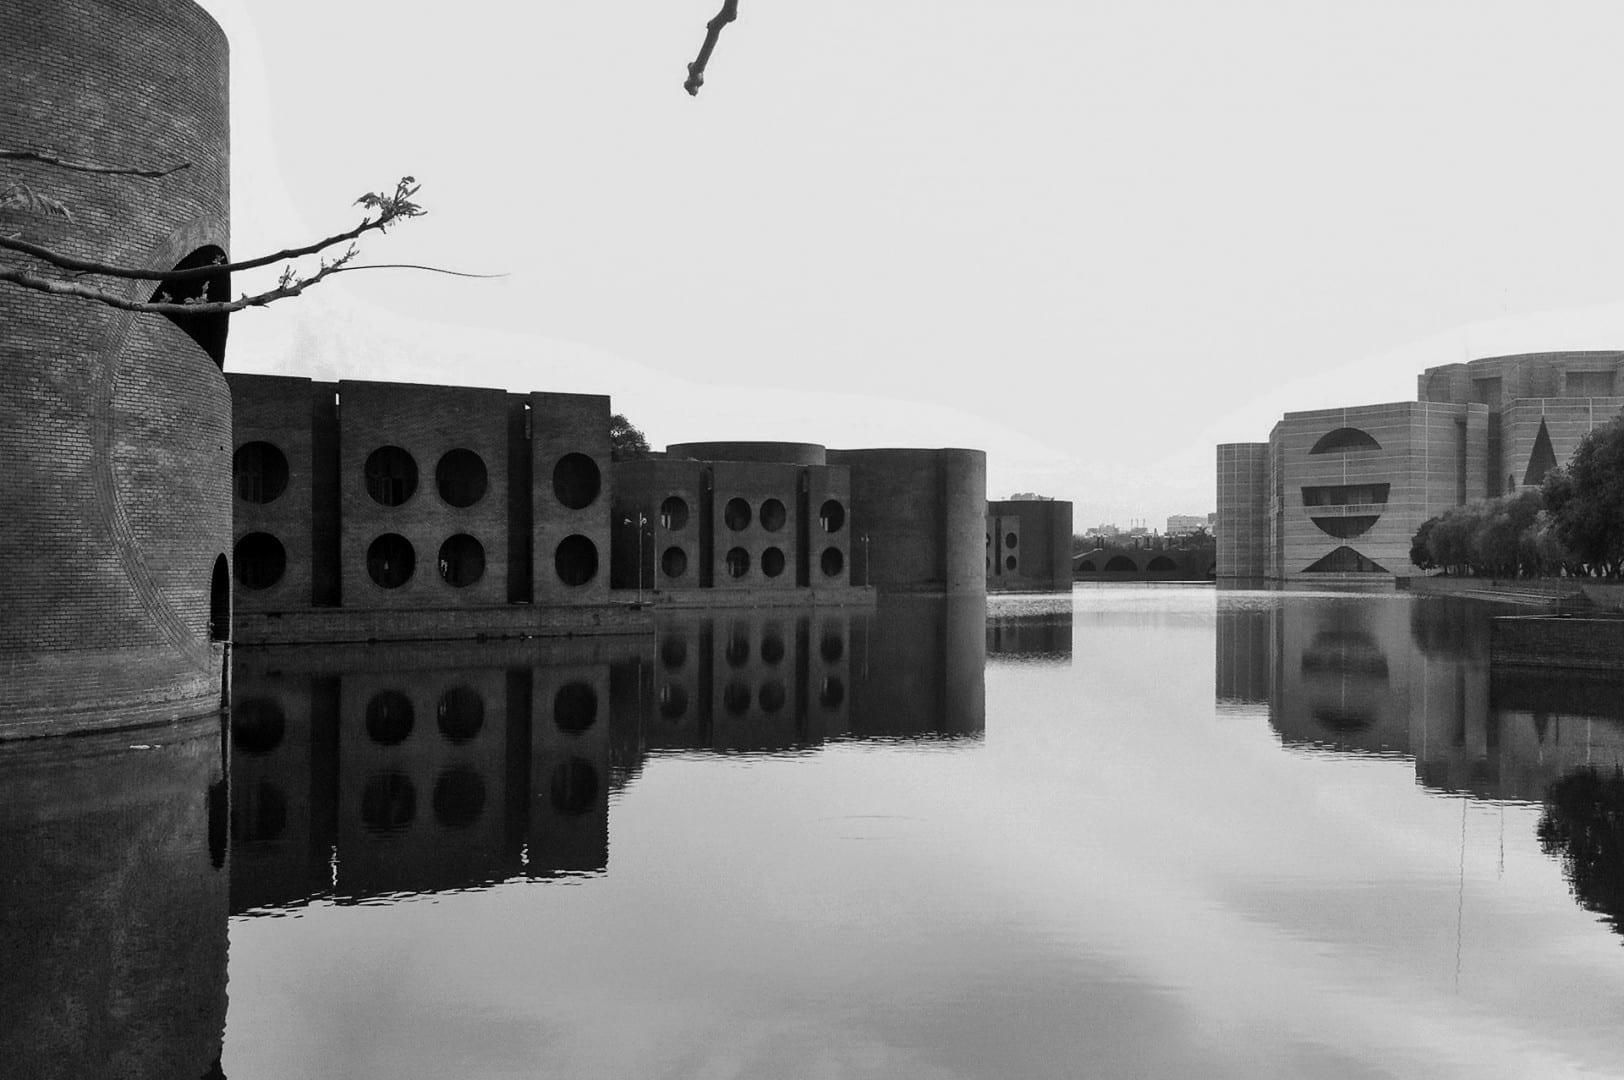 El majestuoso complejo de la capital de Louis Kahn era su visión de una moderna ciudad bengalí, con canales y jardines entrecruzados Daca Bangladesh